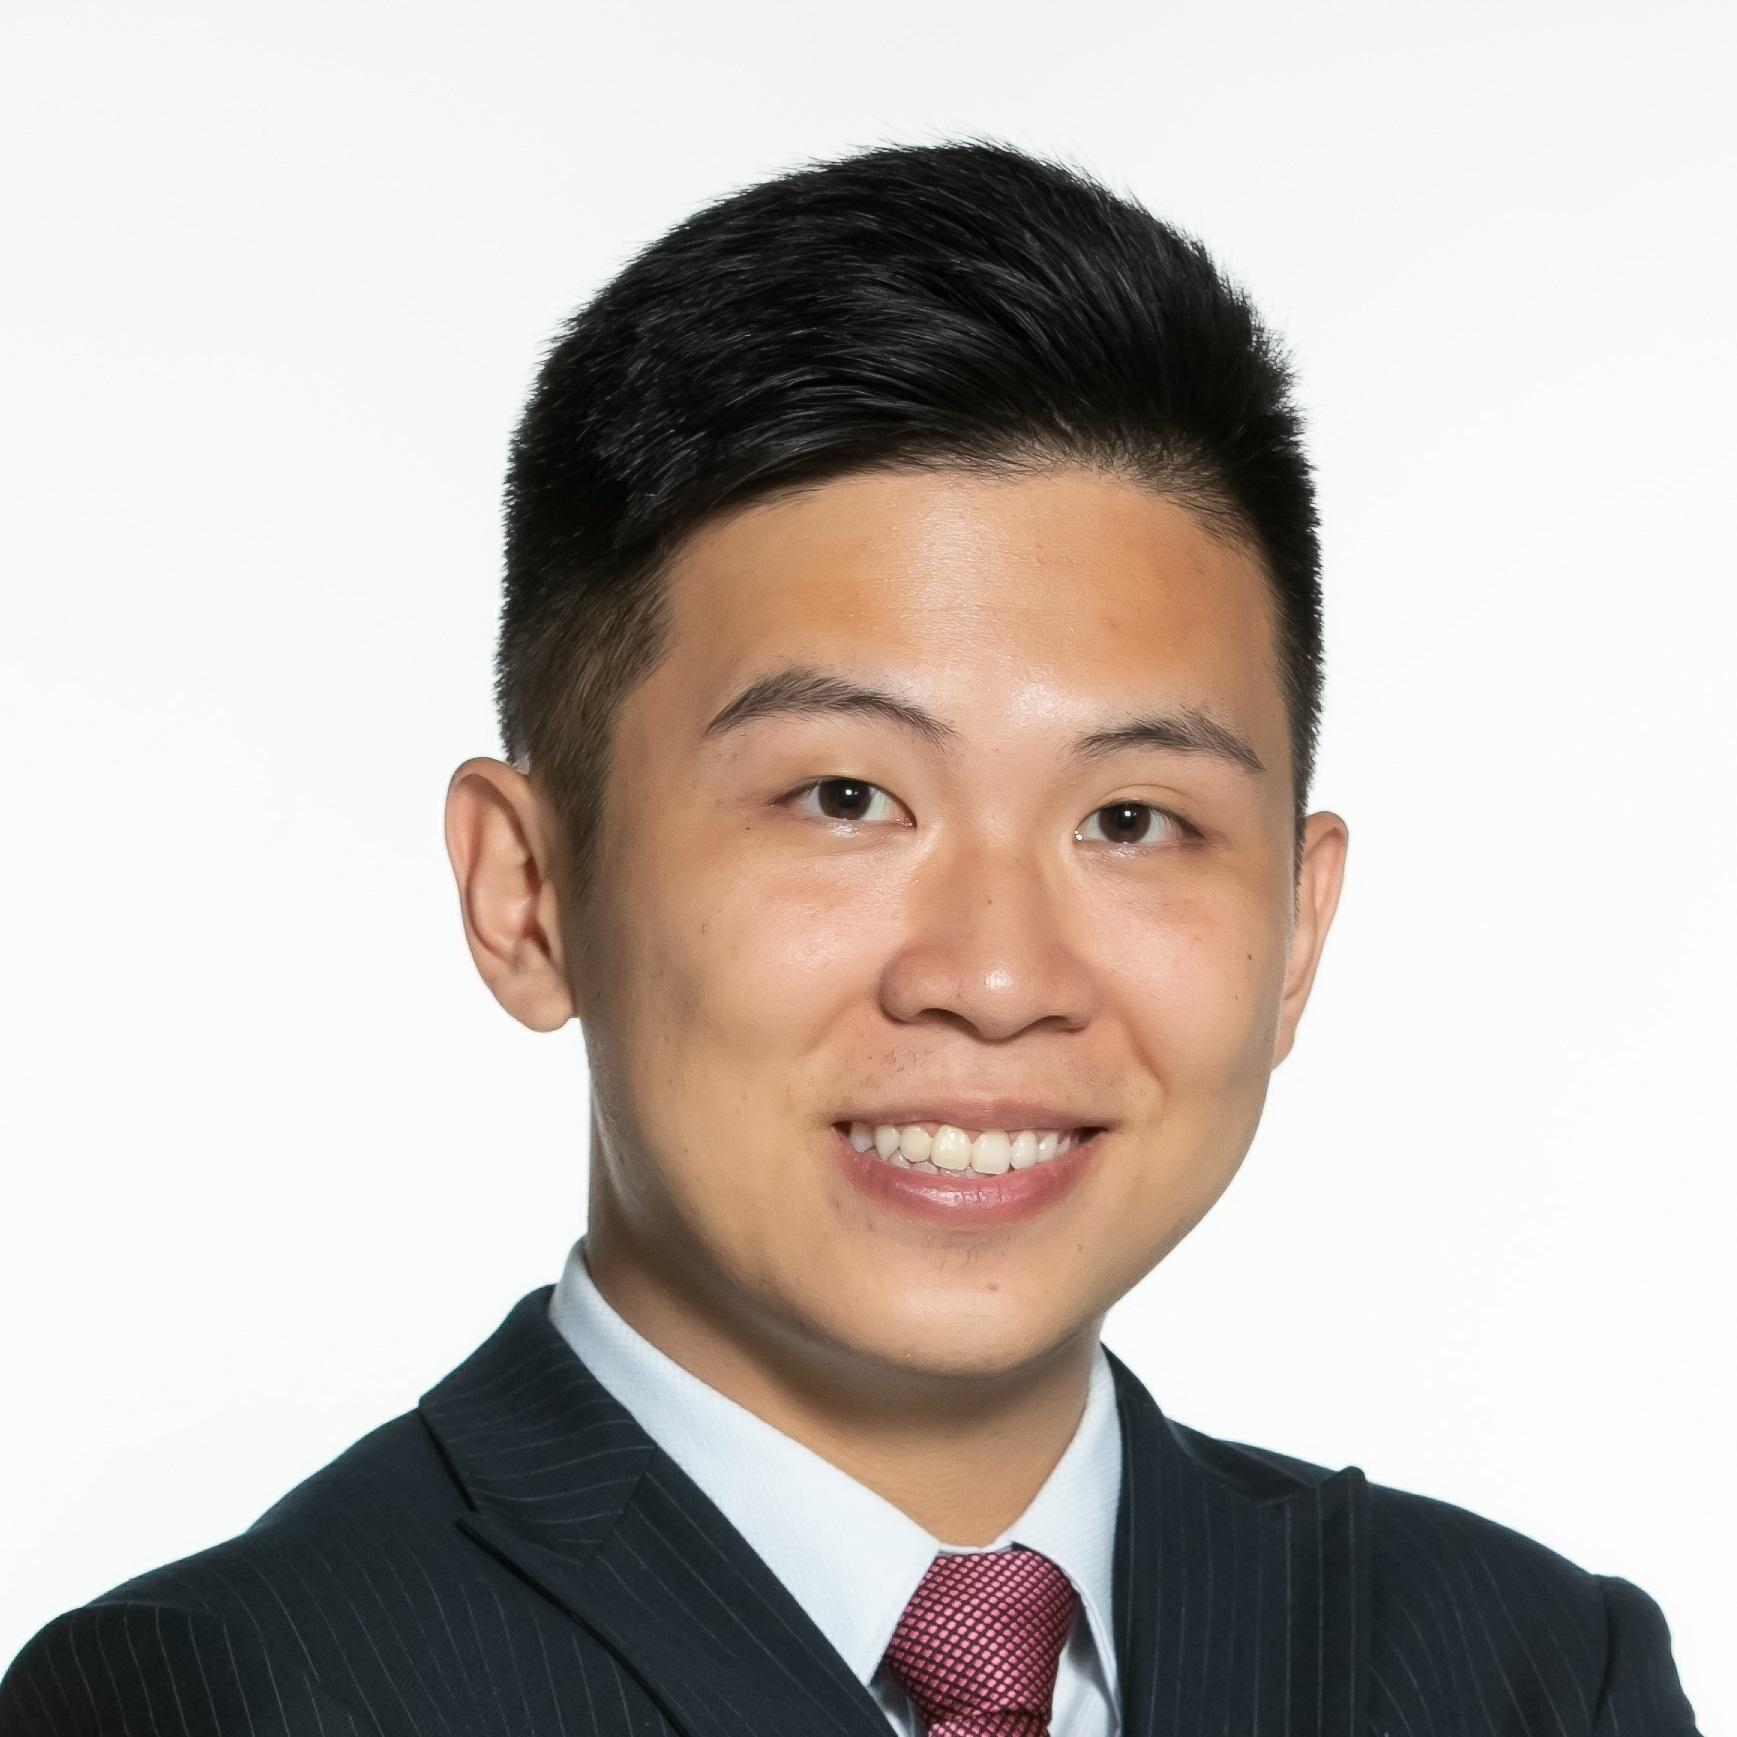 鄭方鈞 (Peter Cheng)